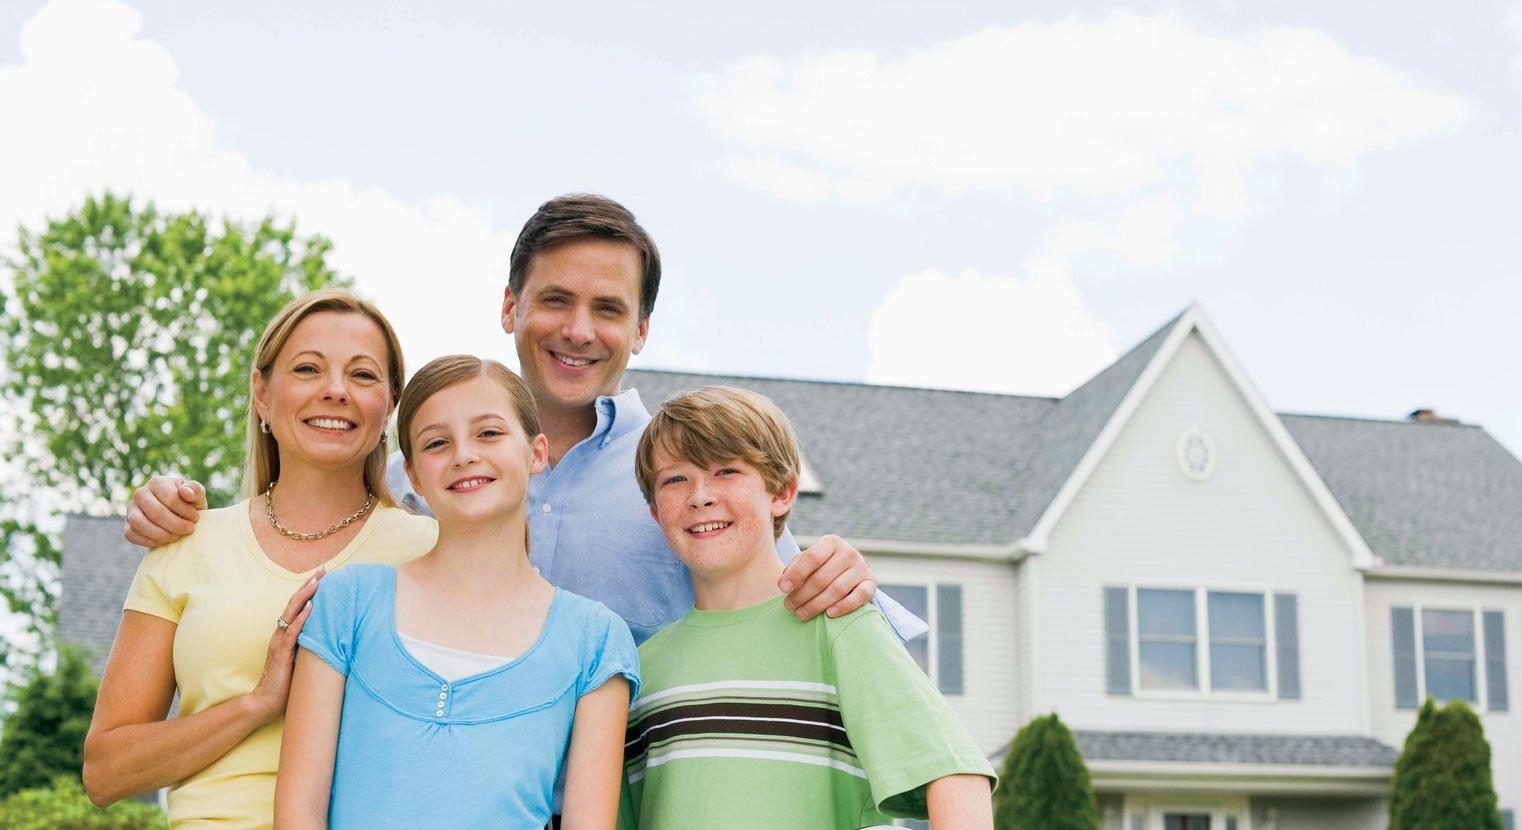 Фото счастливых семей с детьми на фоне дома